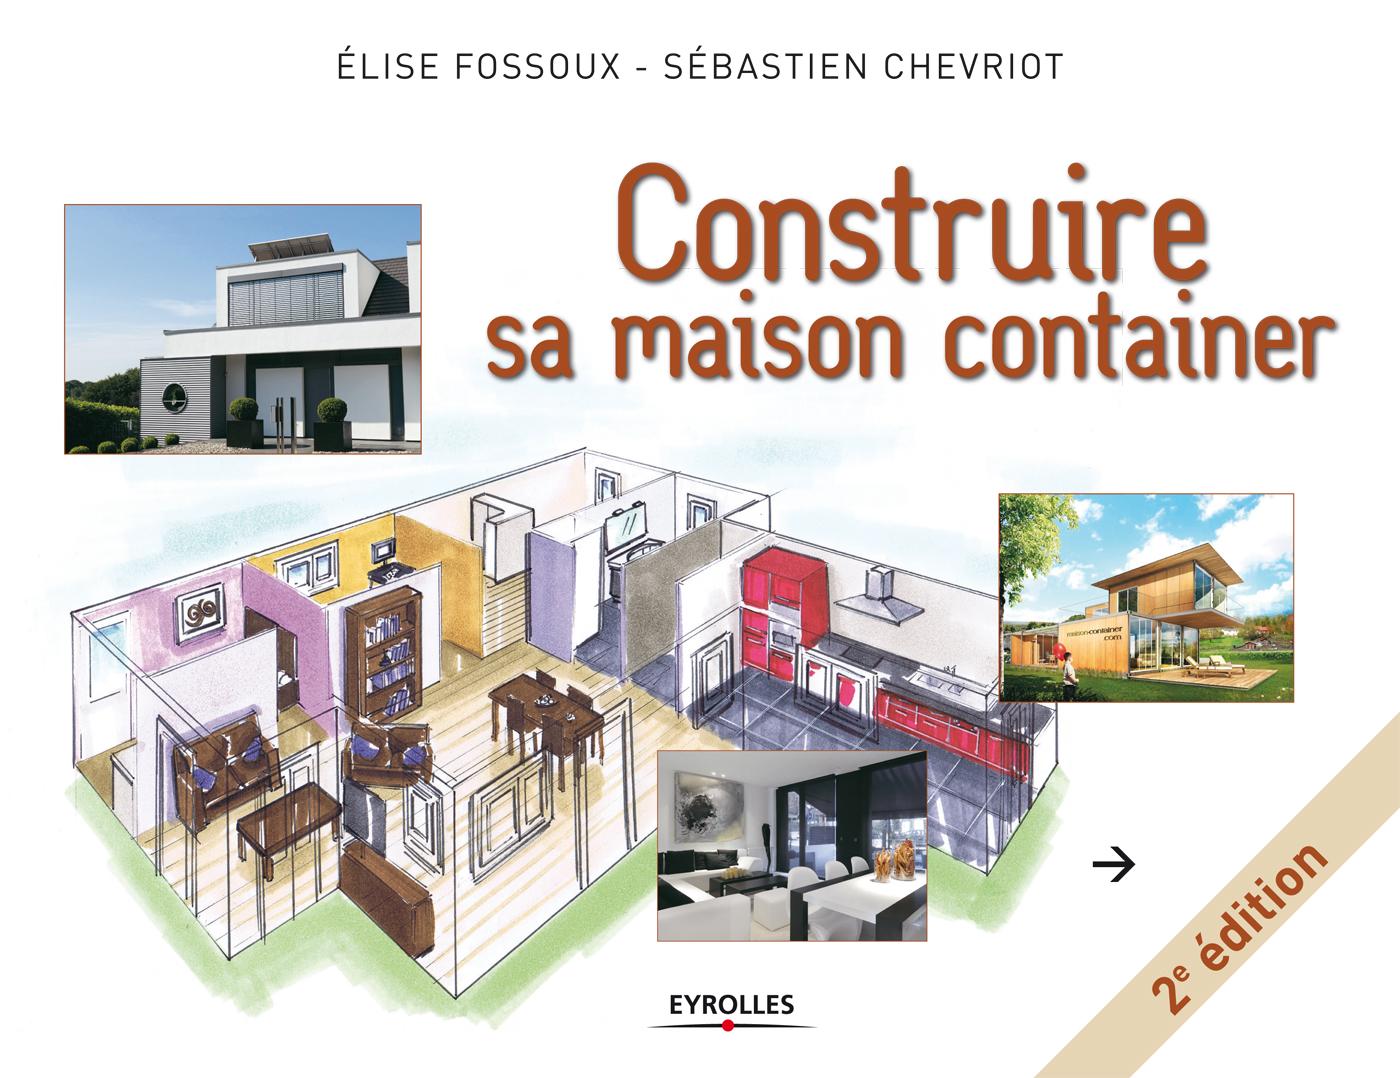 Awesome plan des maison en container photos - Construire sa maison budget ...